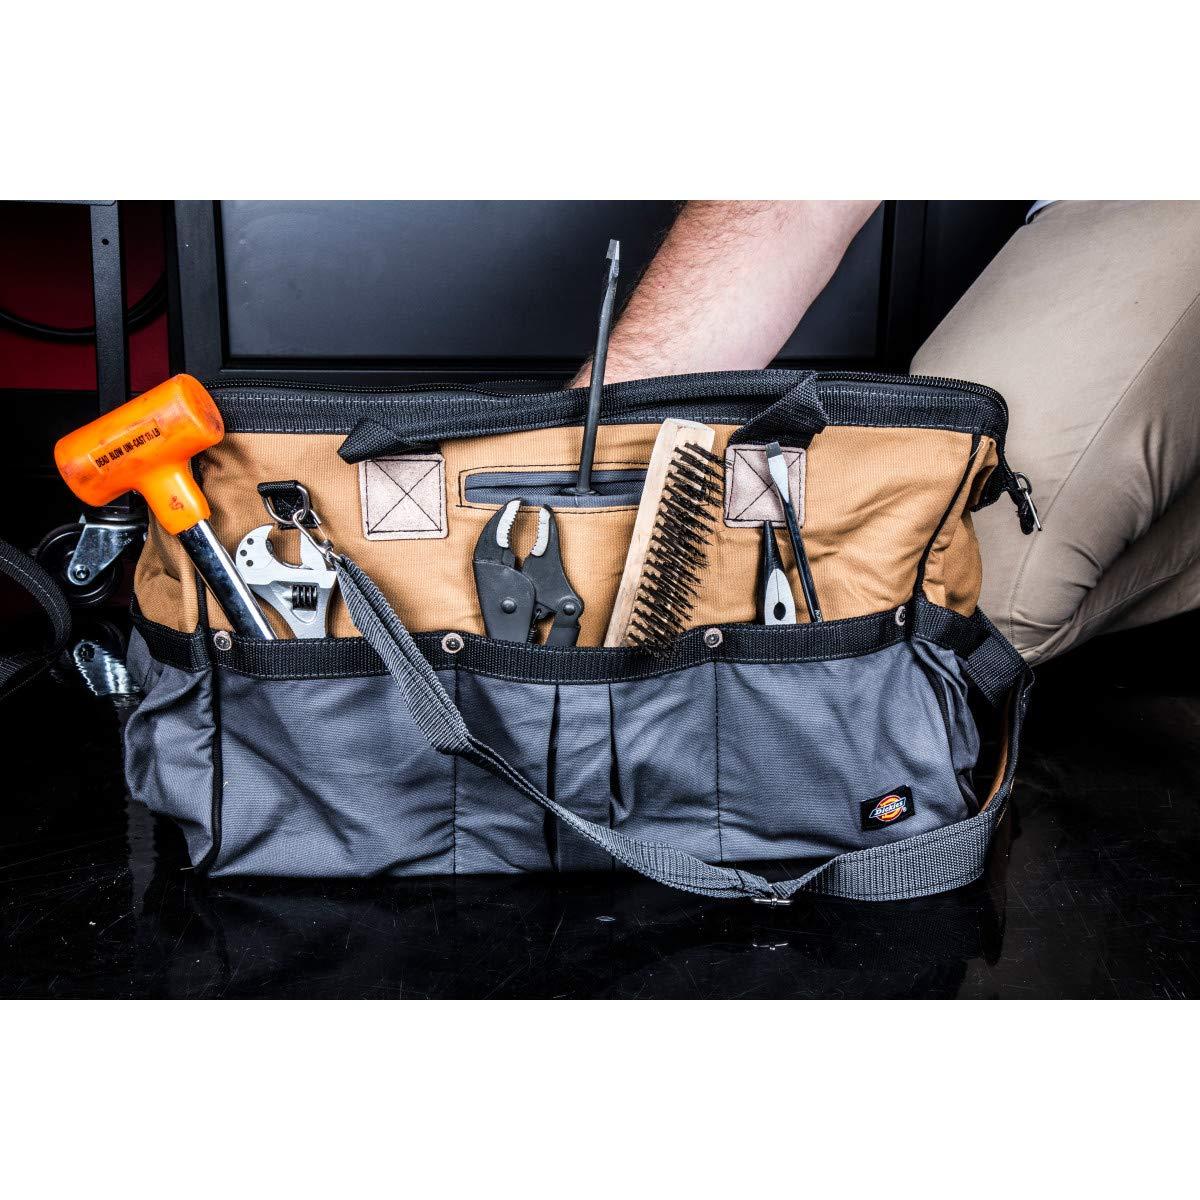 Dickies 57033 20-Inch Work Bag by Dickies Work Gear (Image #8)